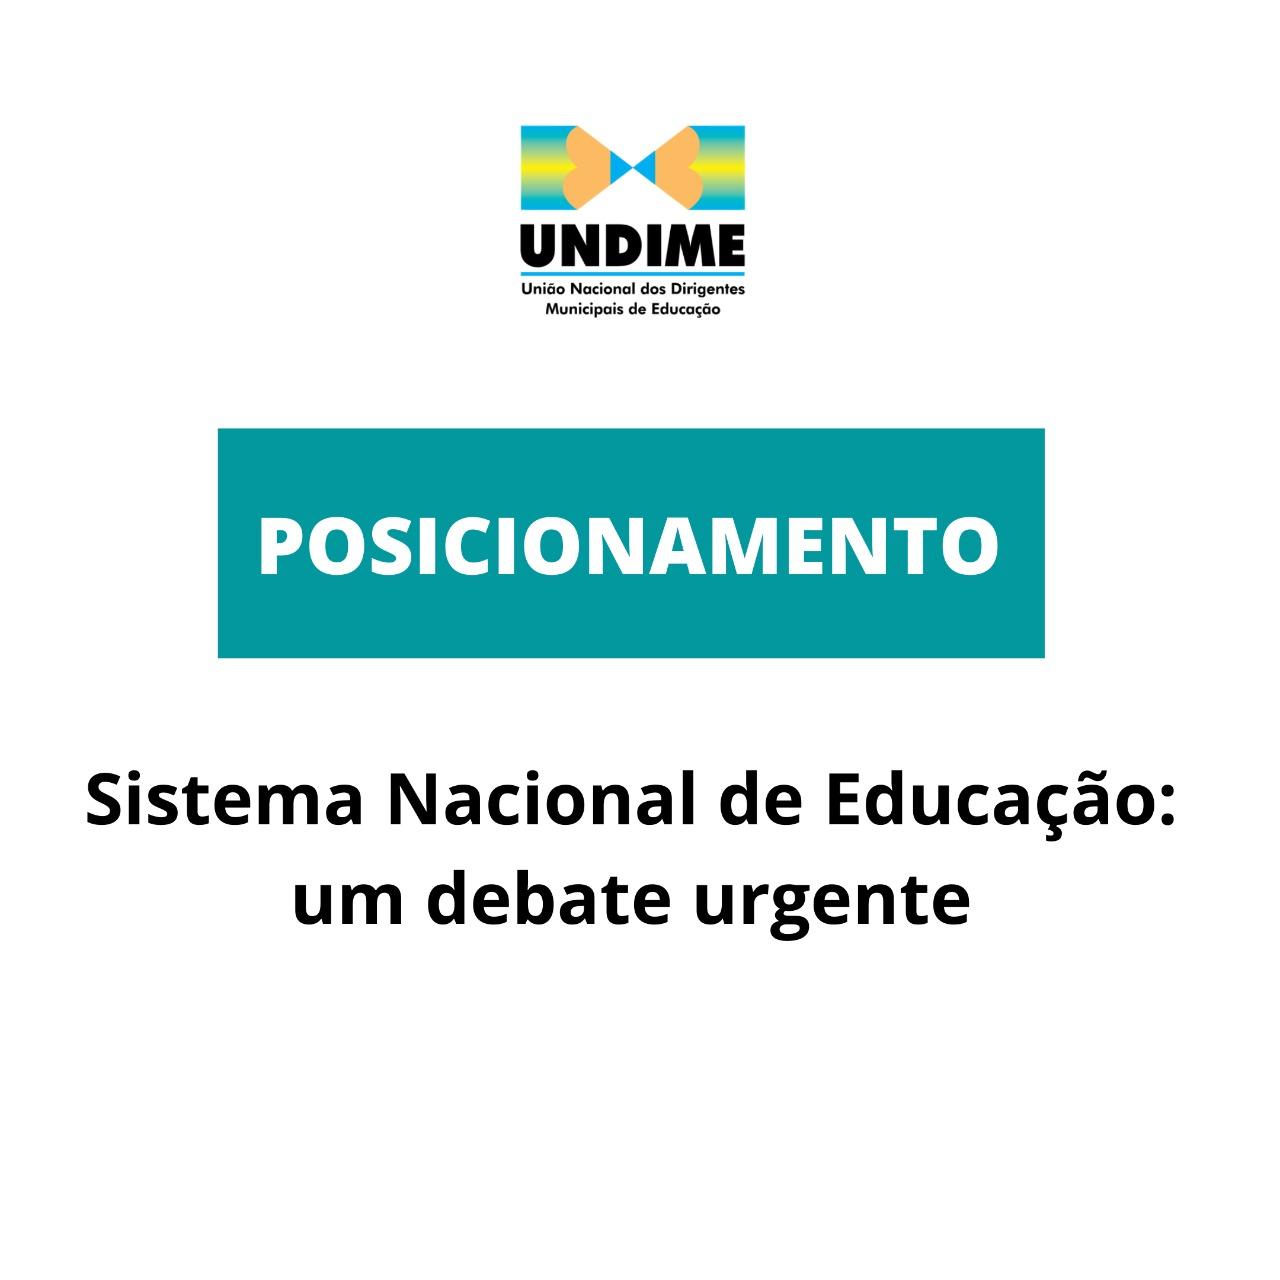 Sistema Nacional de Educação: um debate urgente